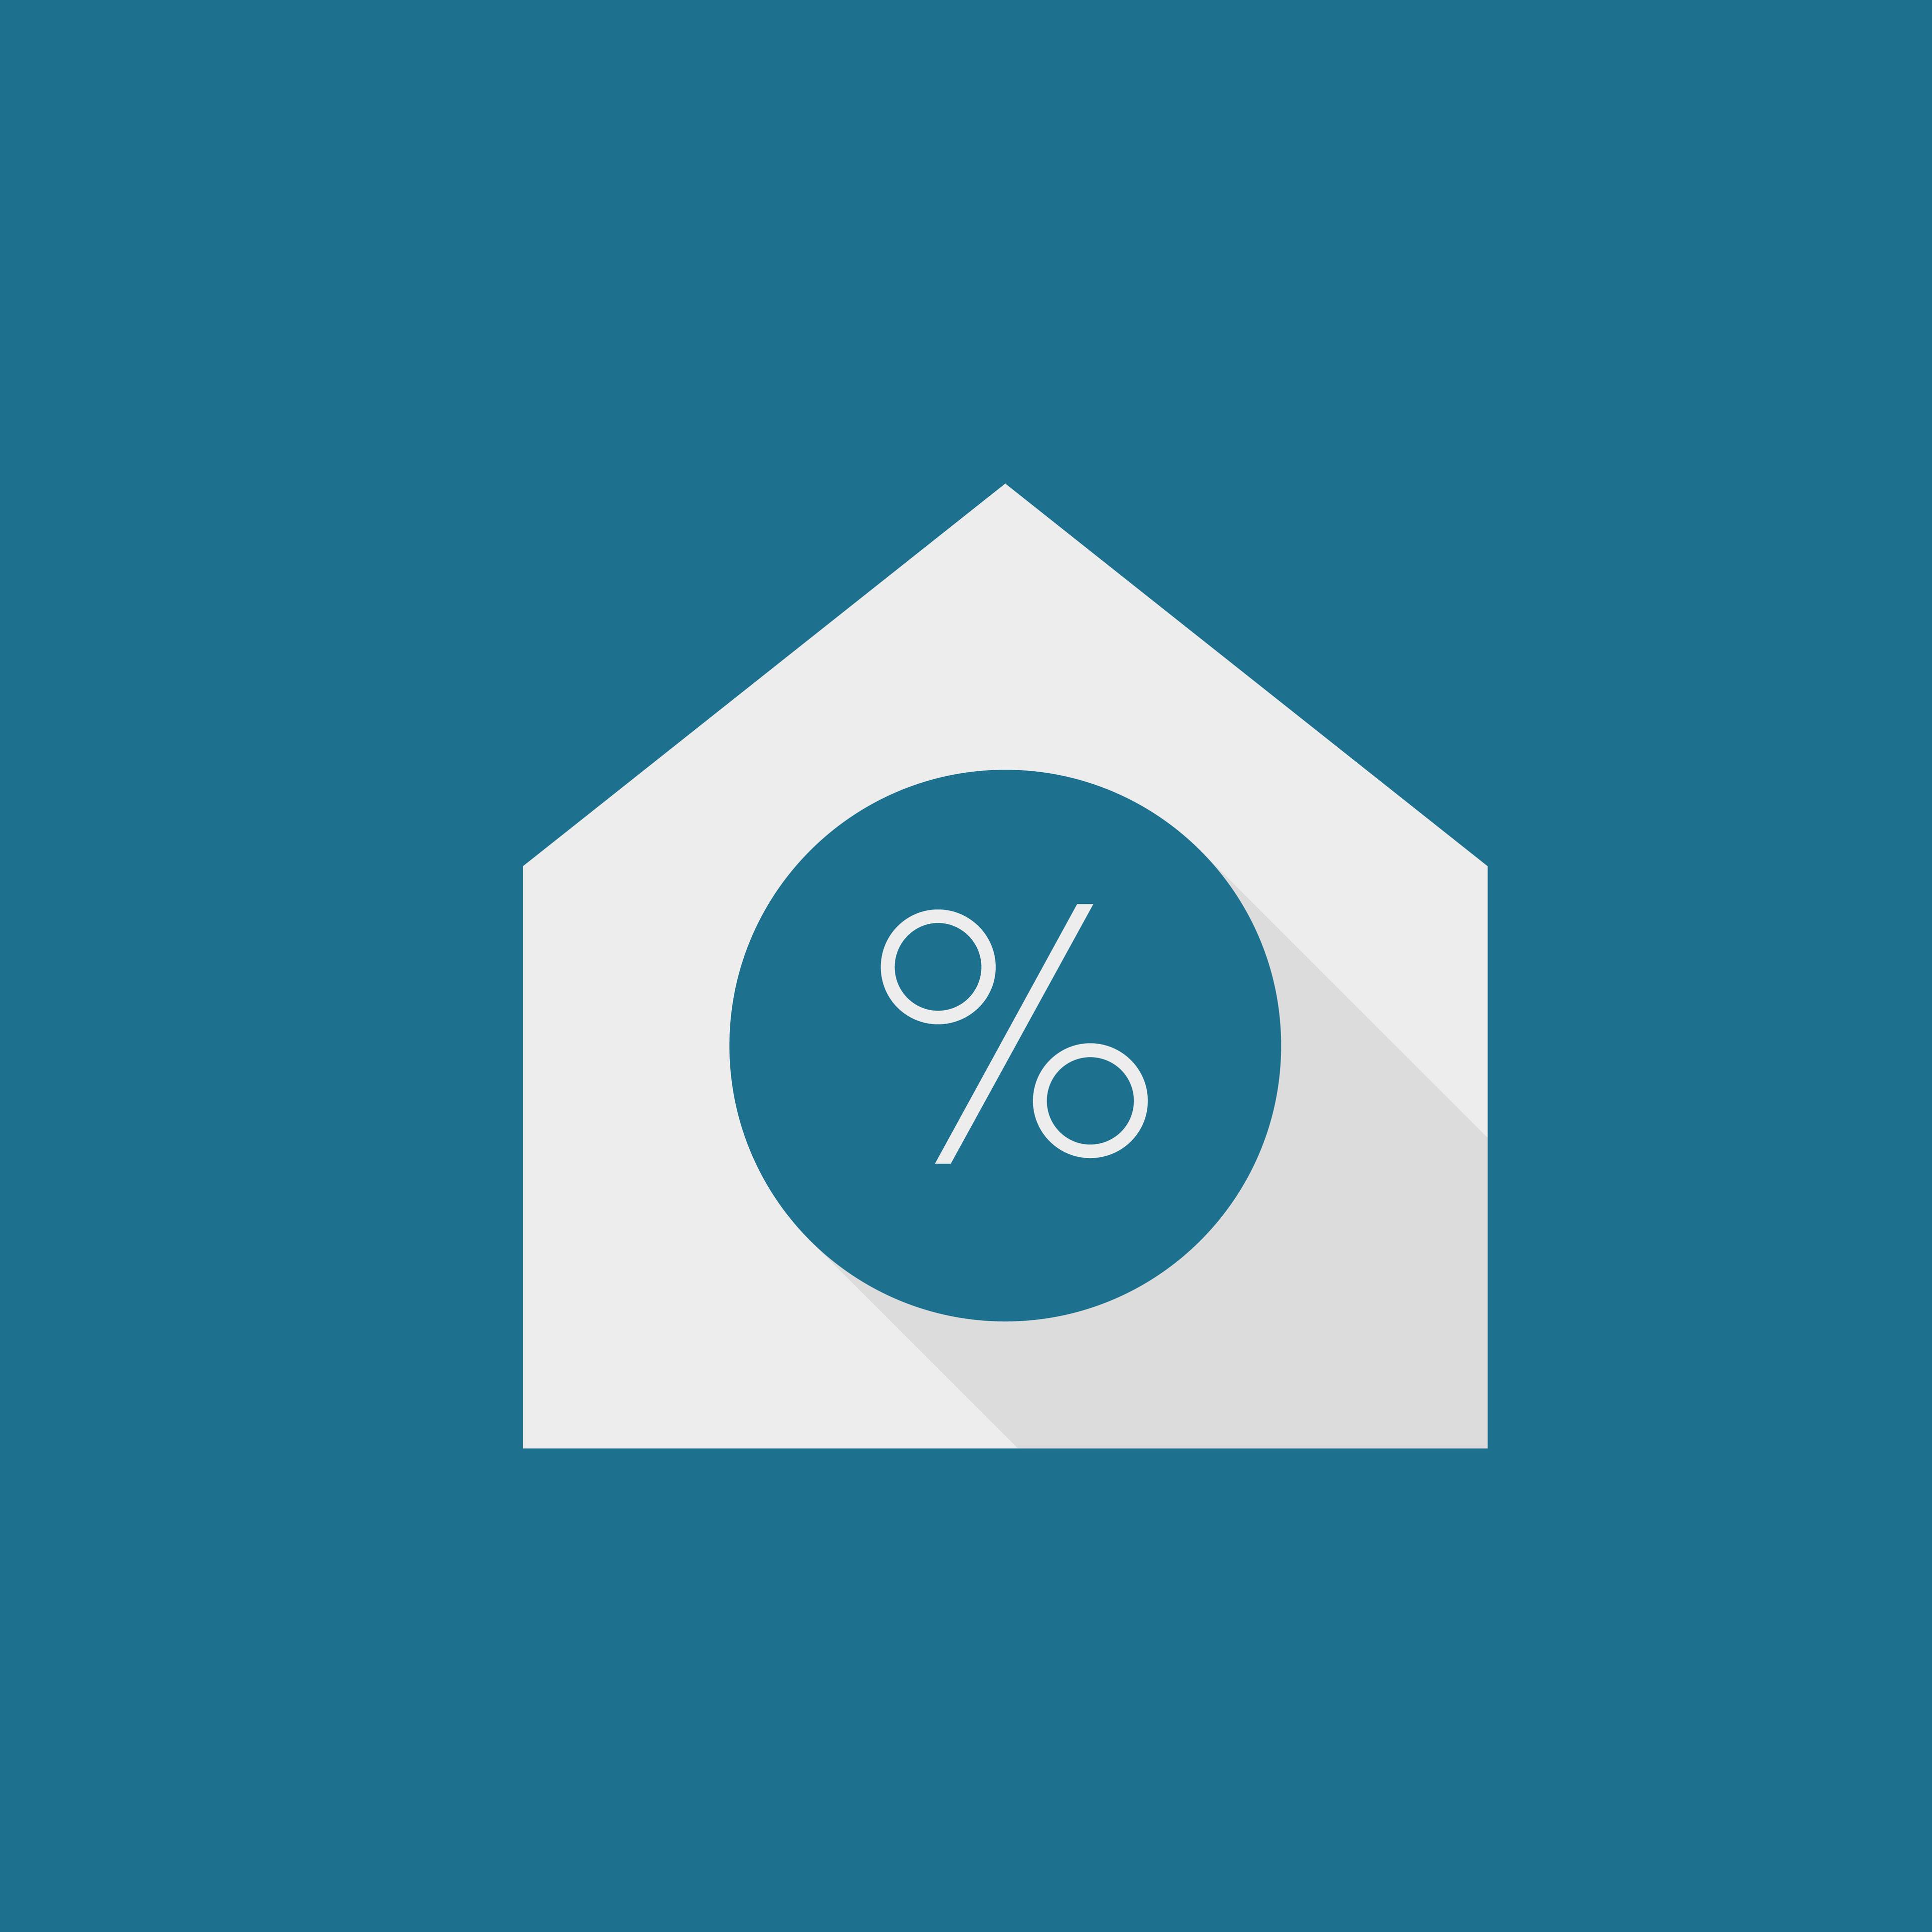 Dossier assurance emprunteur